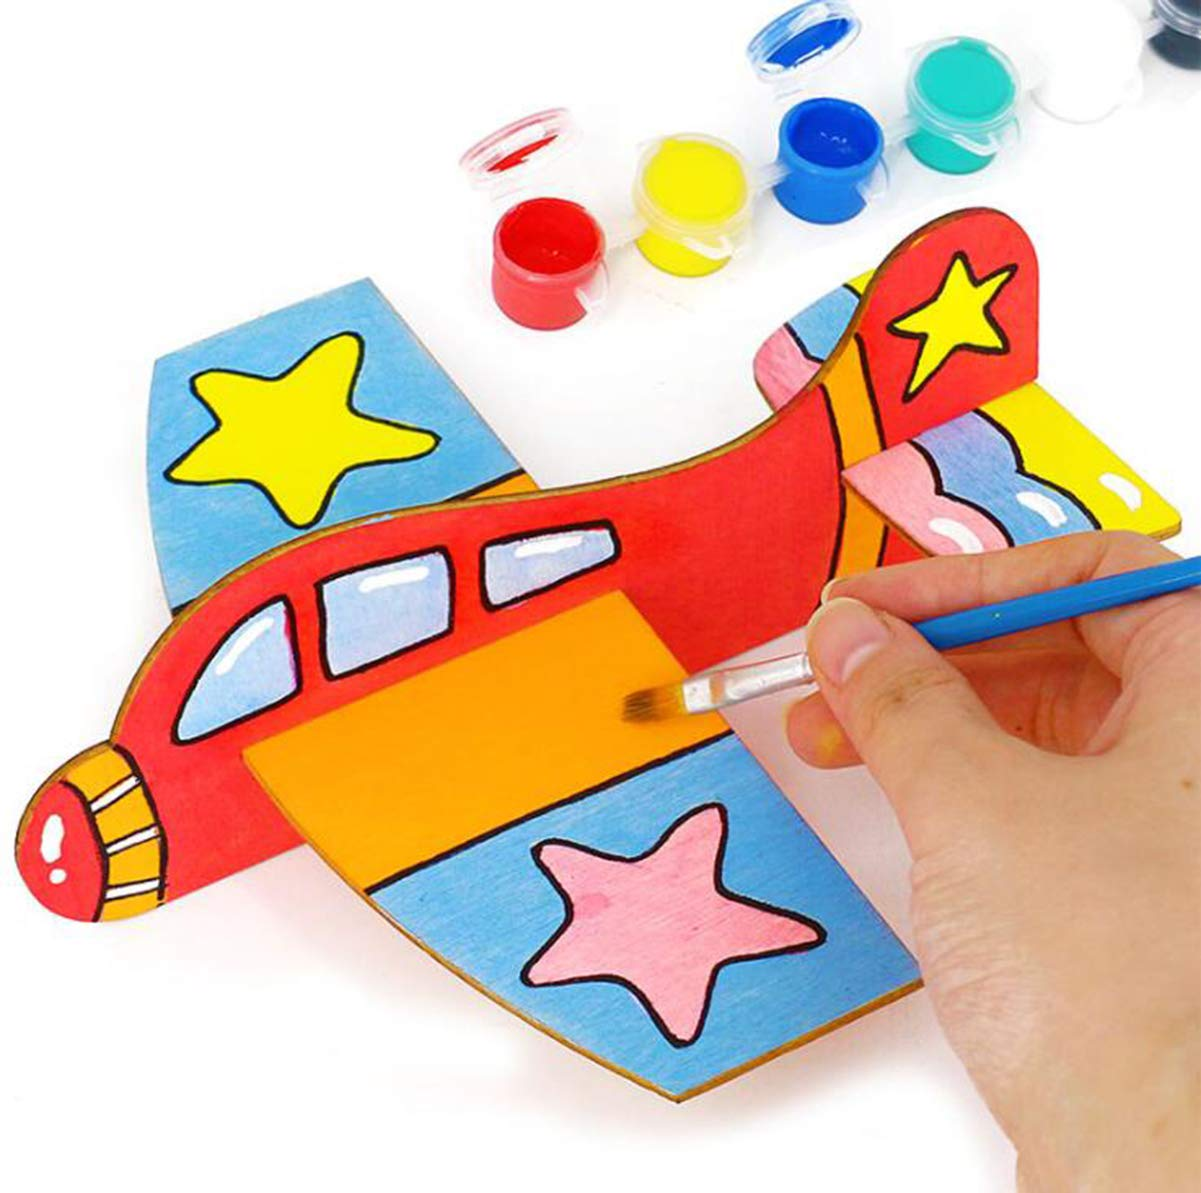 Glider Avion Juguete Infantil de Madera para Pintar DIY Manualidad Decoraci/ón Pintura de Arte y Artesan/ía de Bricolaje Liuer 6PCS Aviones planeadores